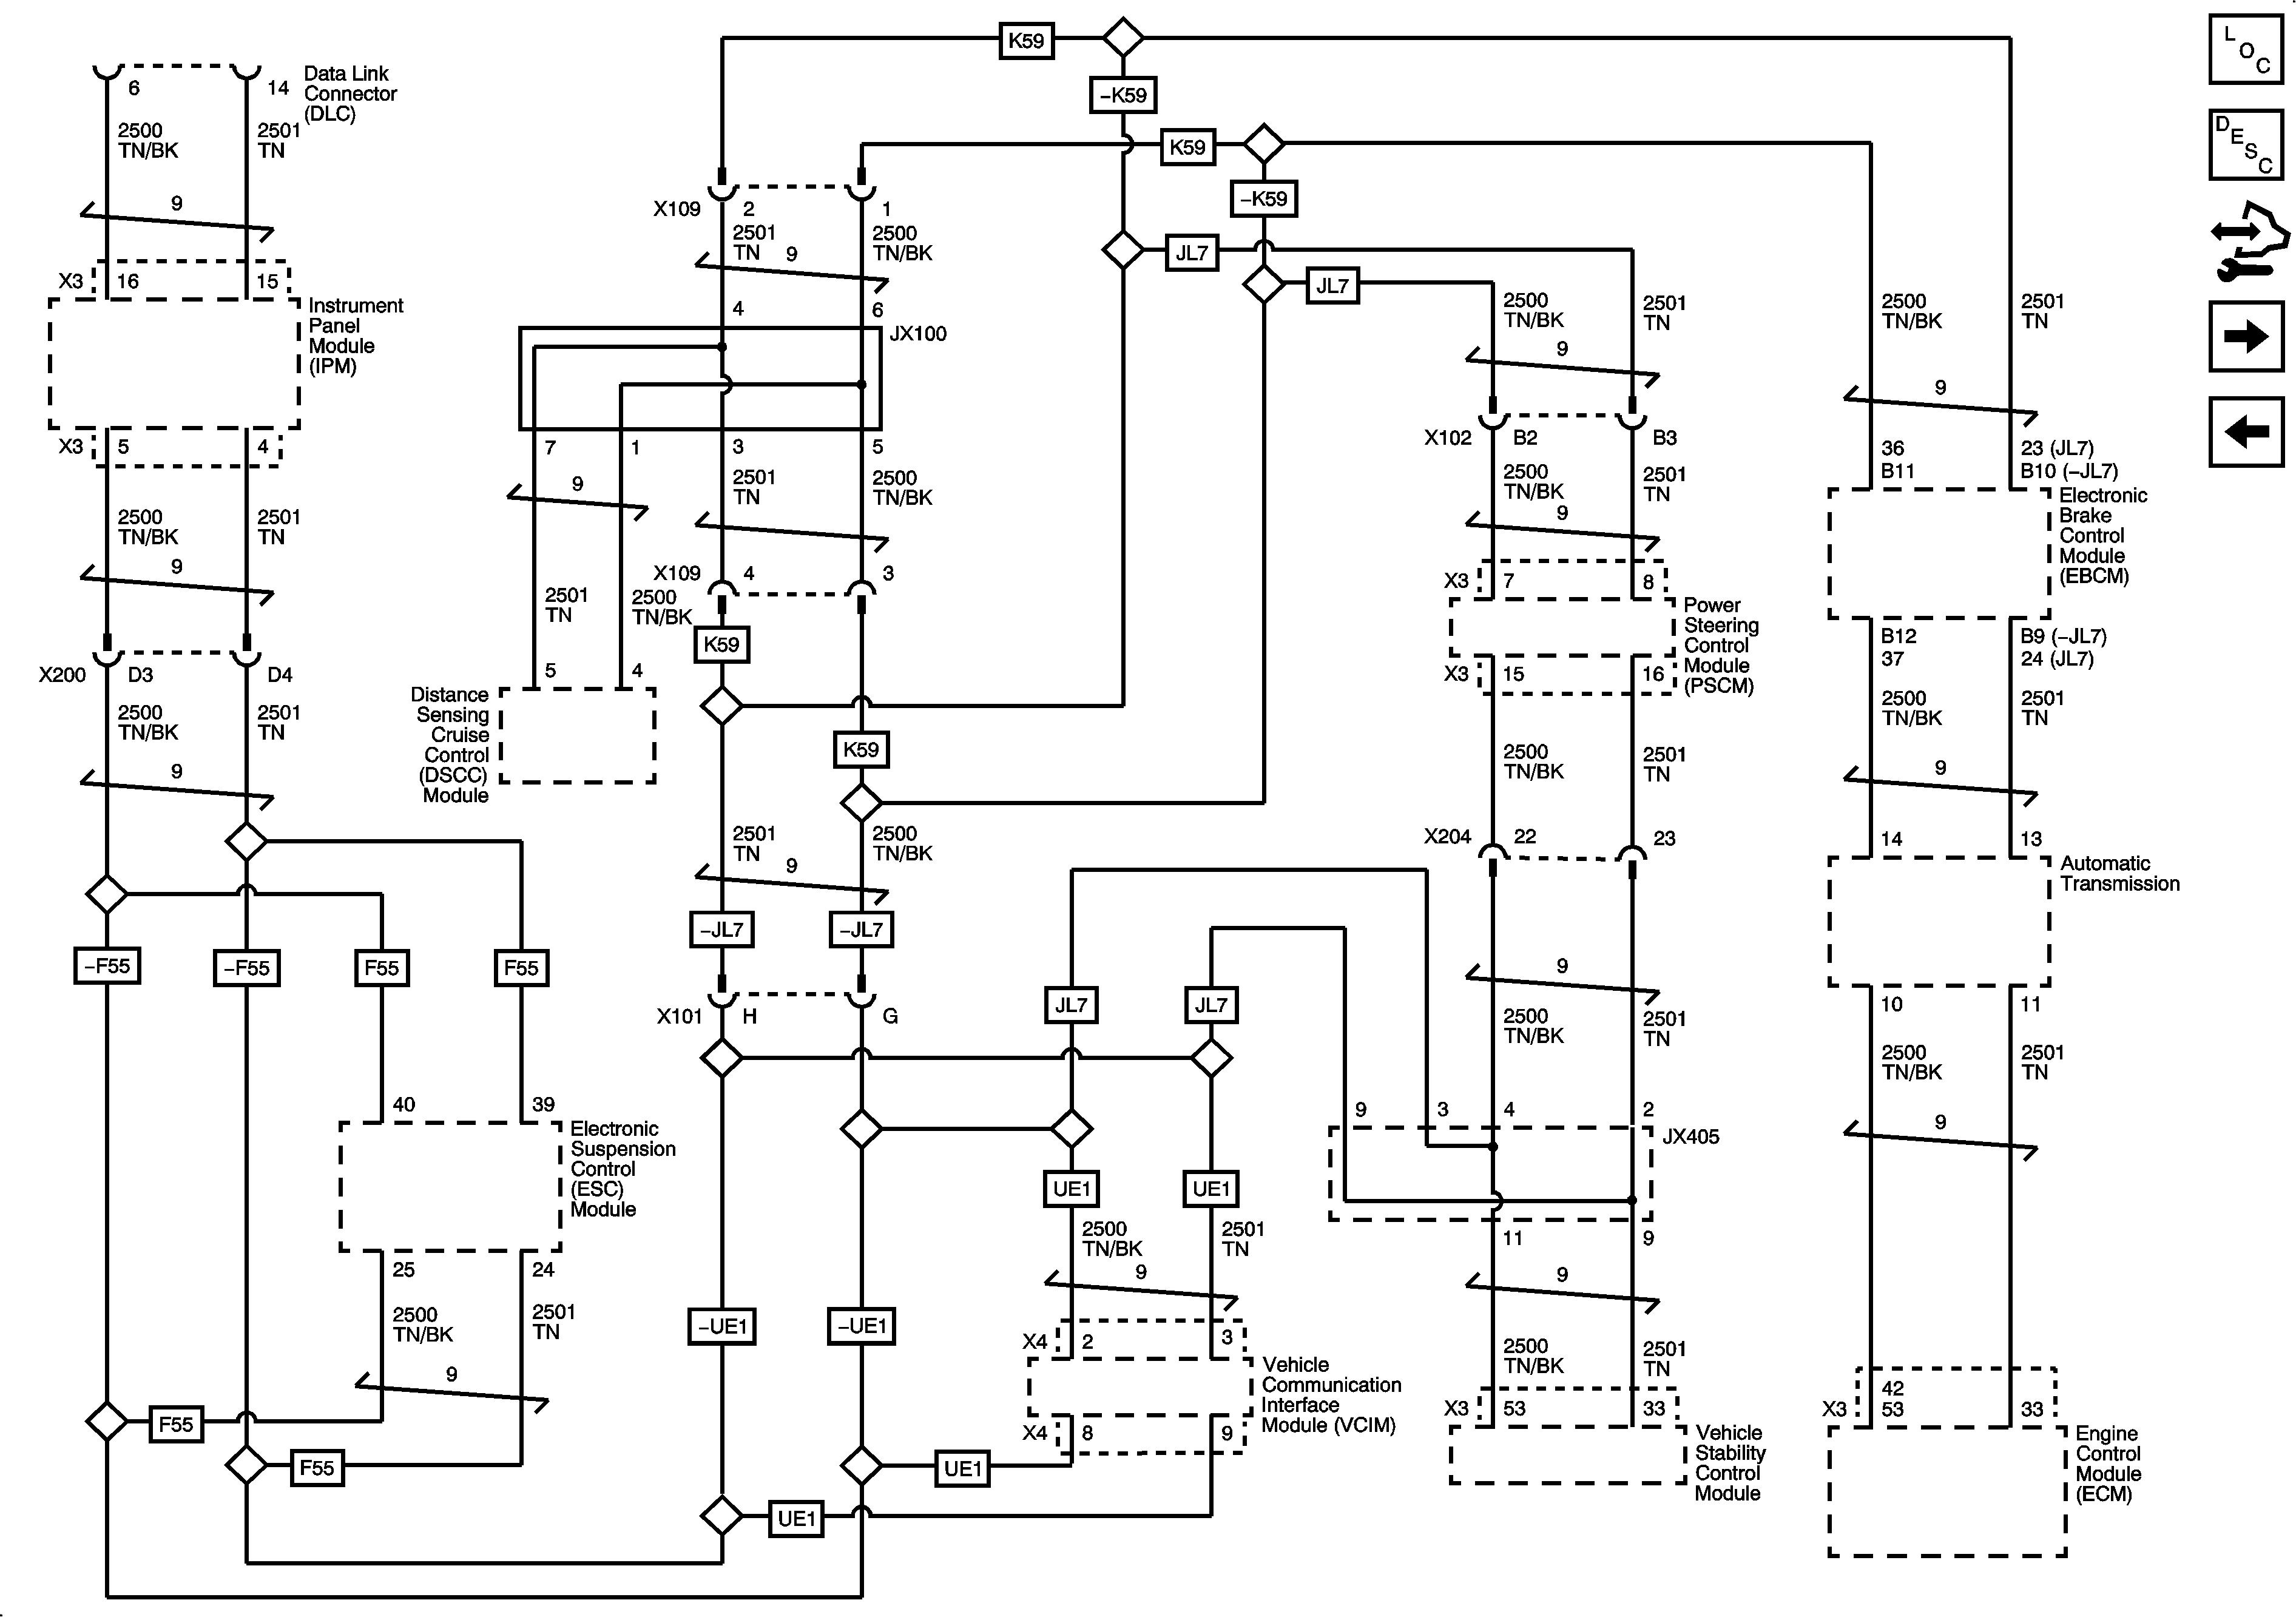 98453b14-0c42-41f4-97cc-cdef5c09e90f_2.png